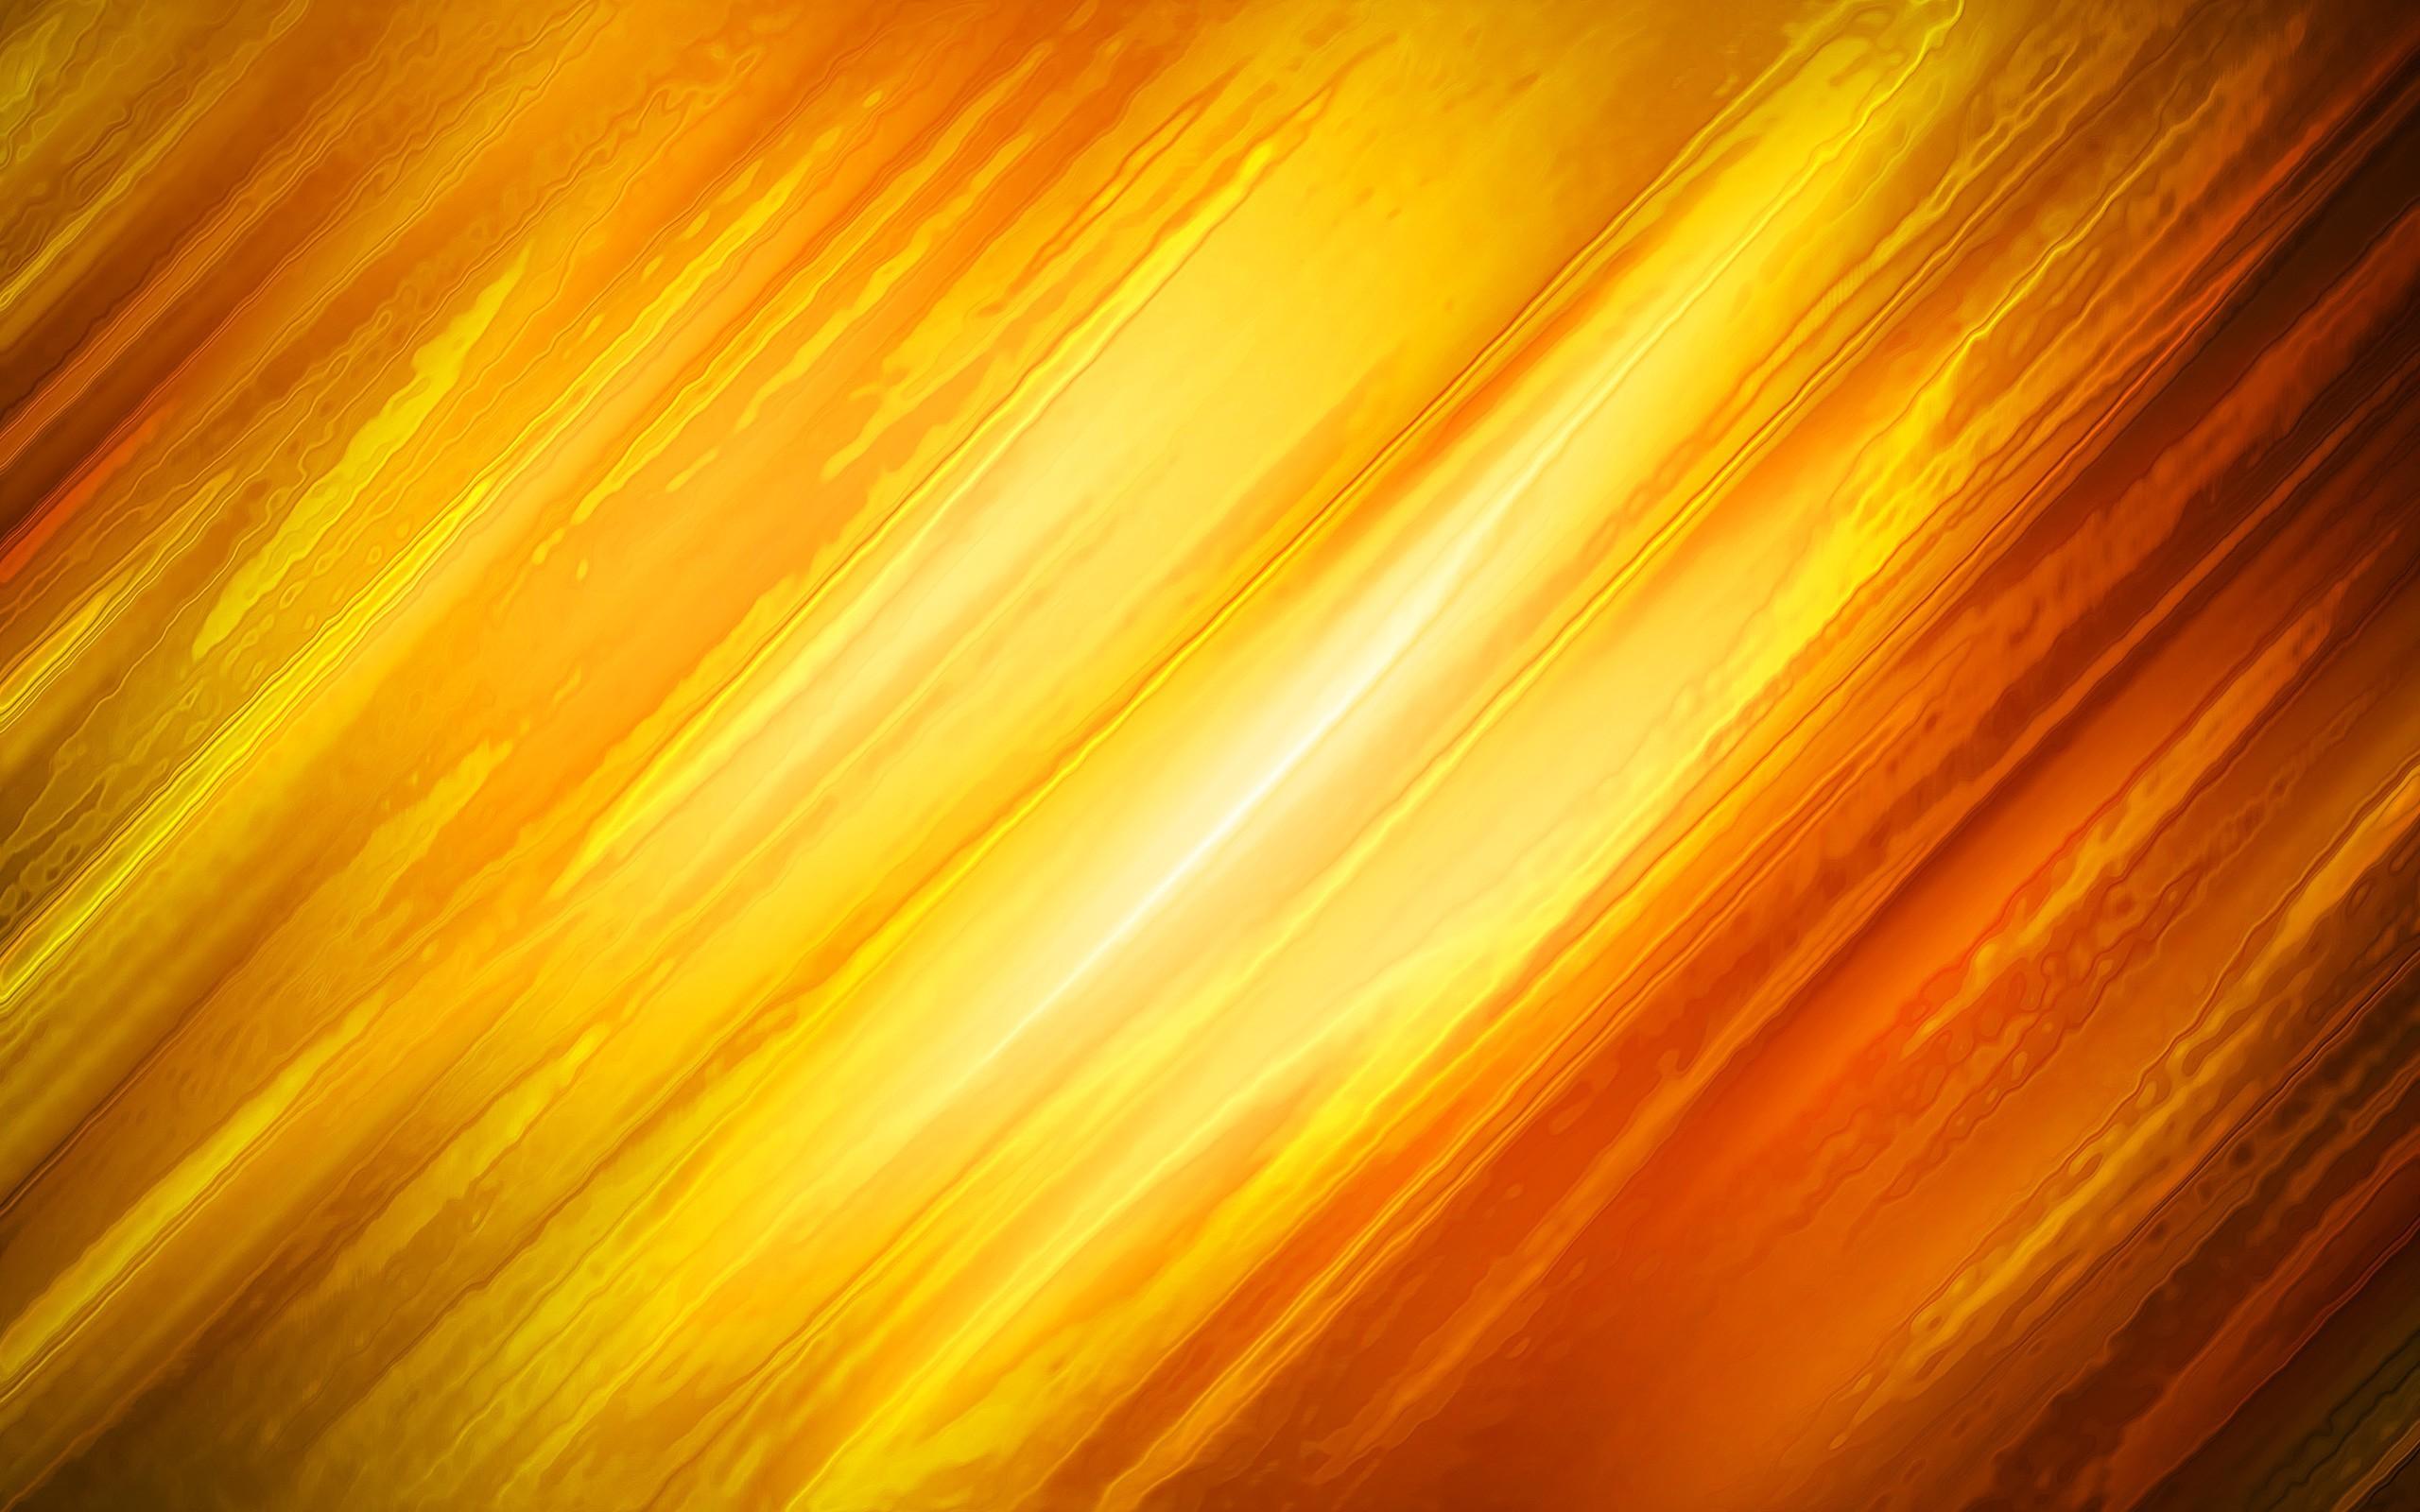 Hình nền vàng cam hoa văn đặc biệt